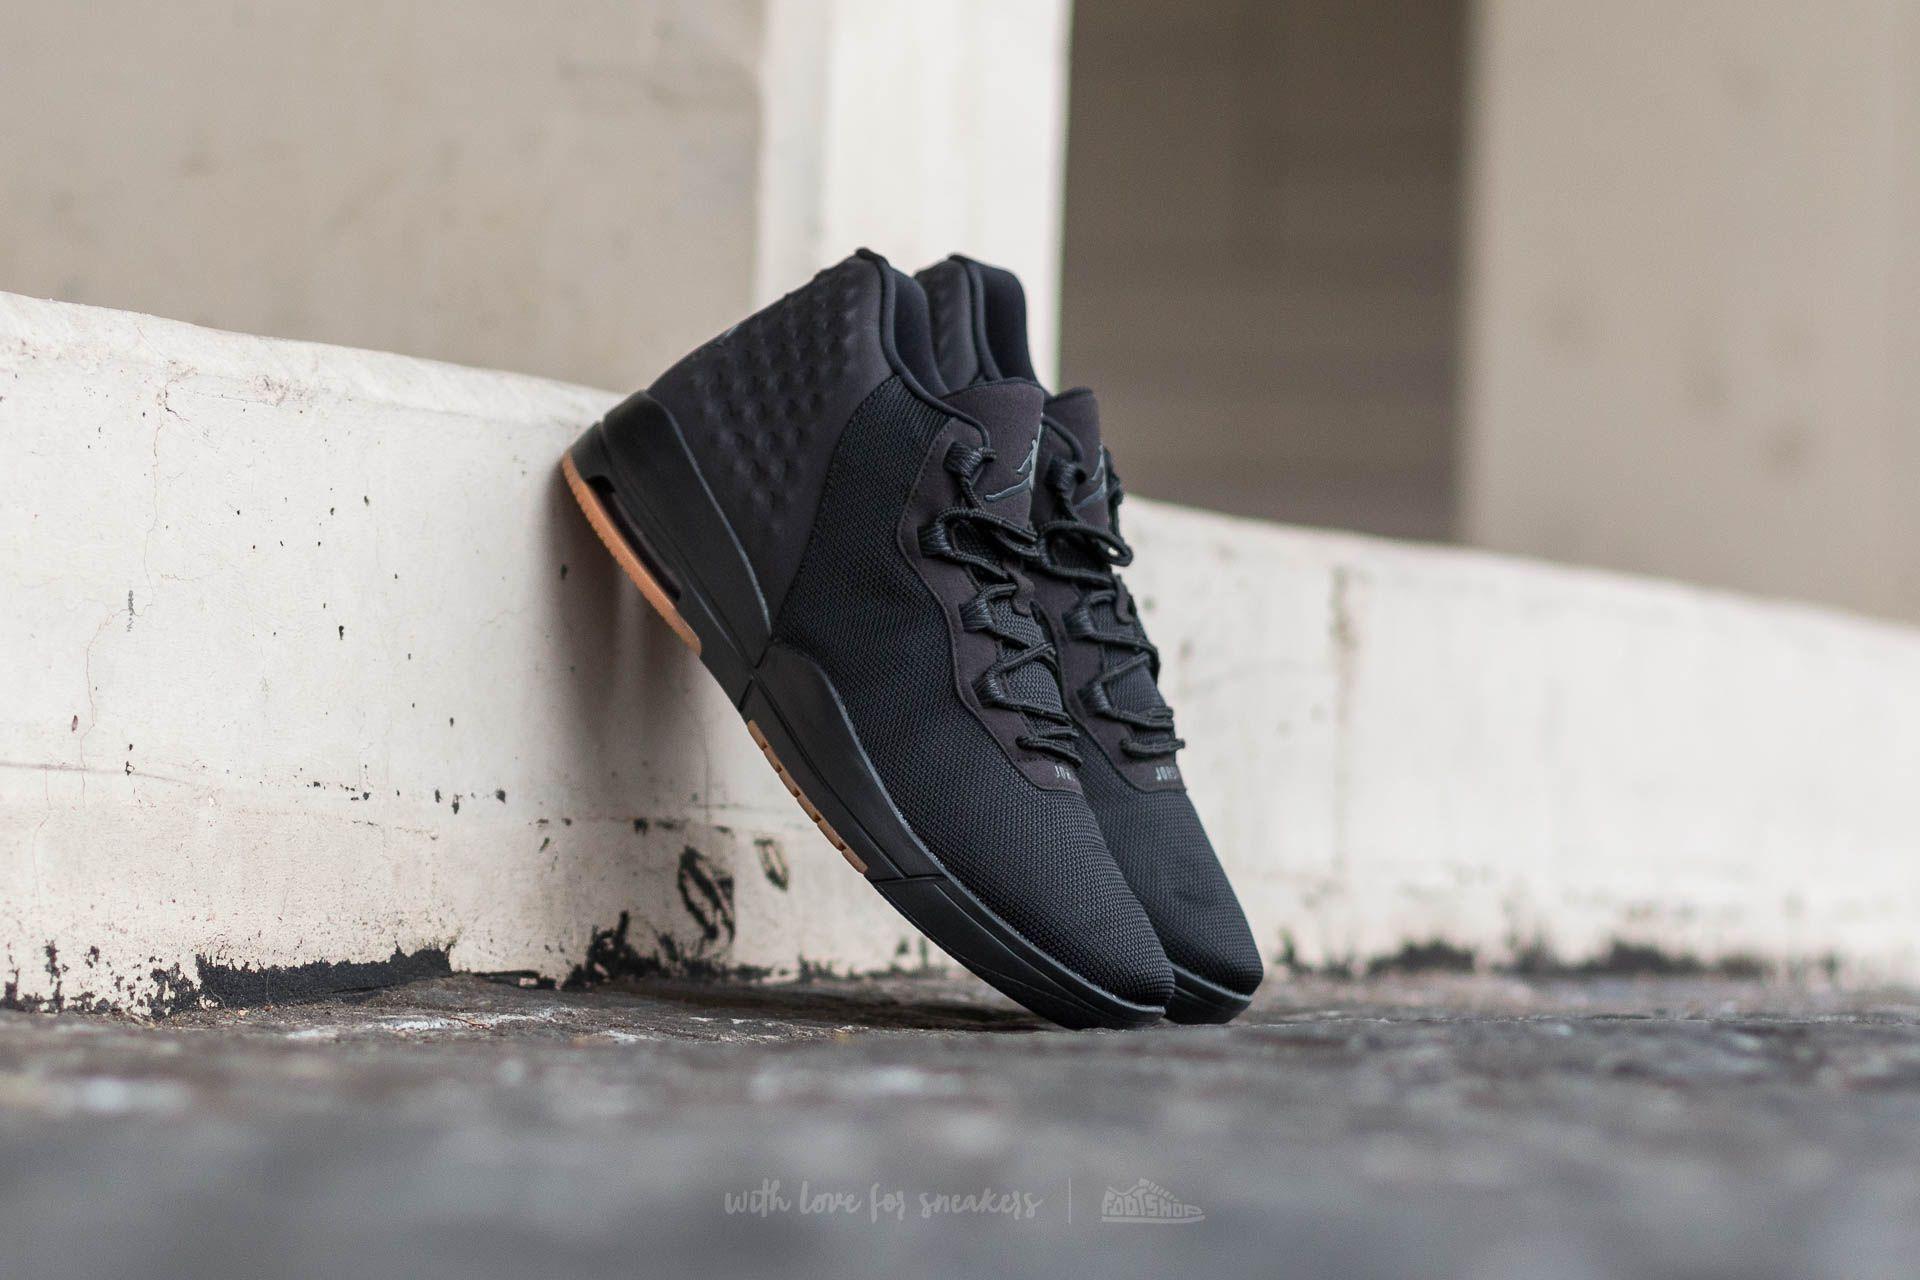 Black/ Anthracite-Gum Med Brown | Footshop